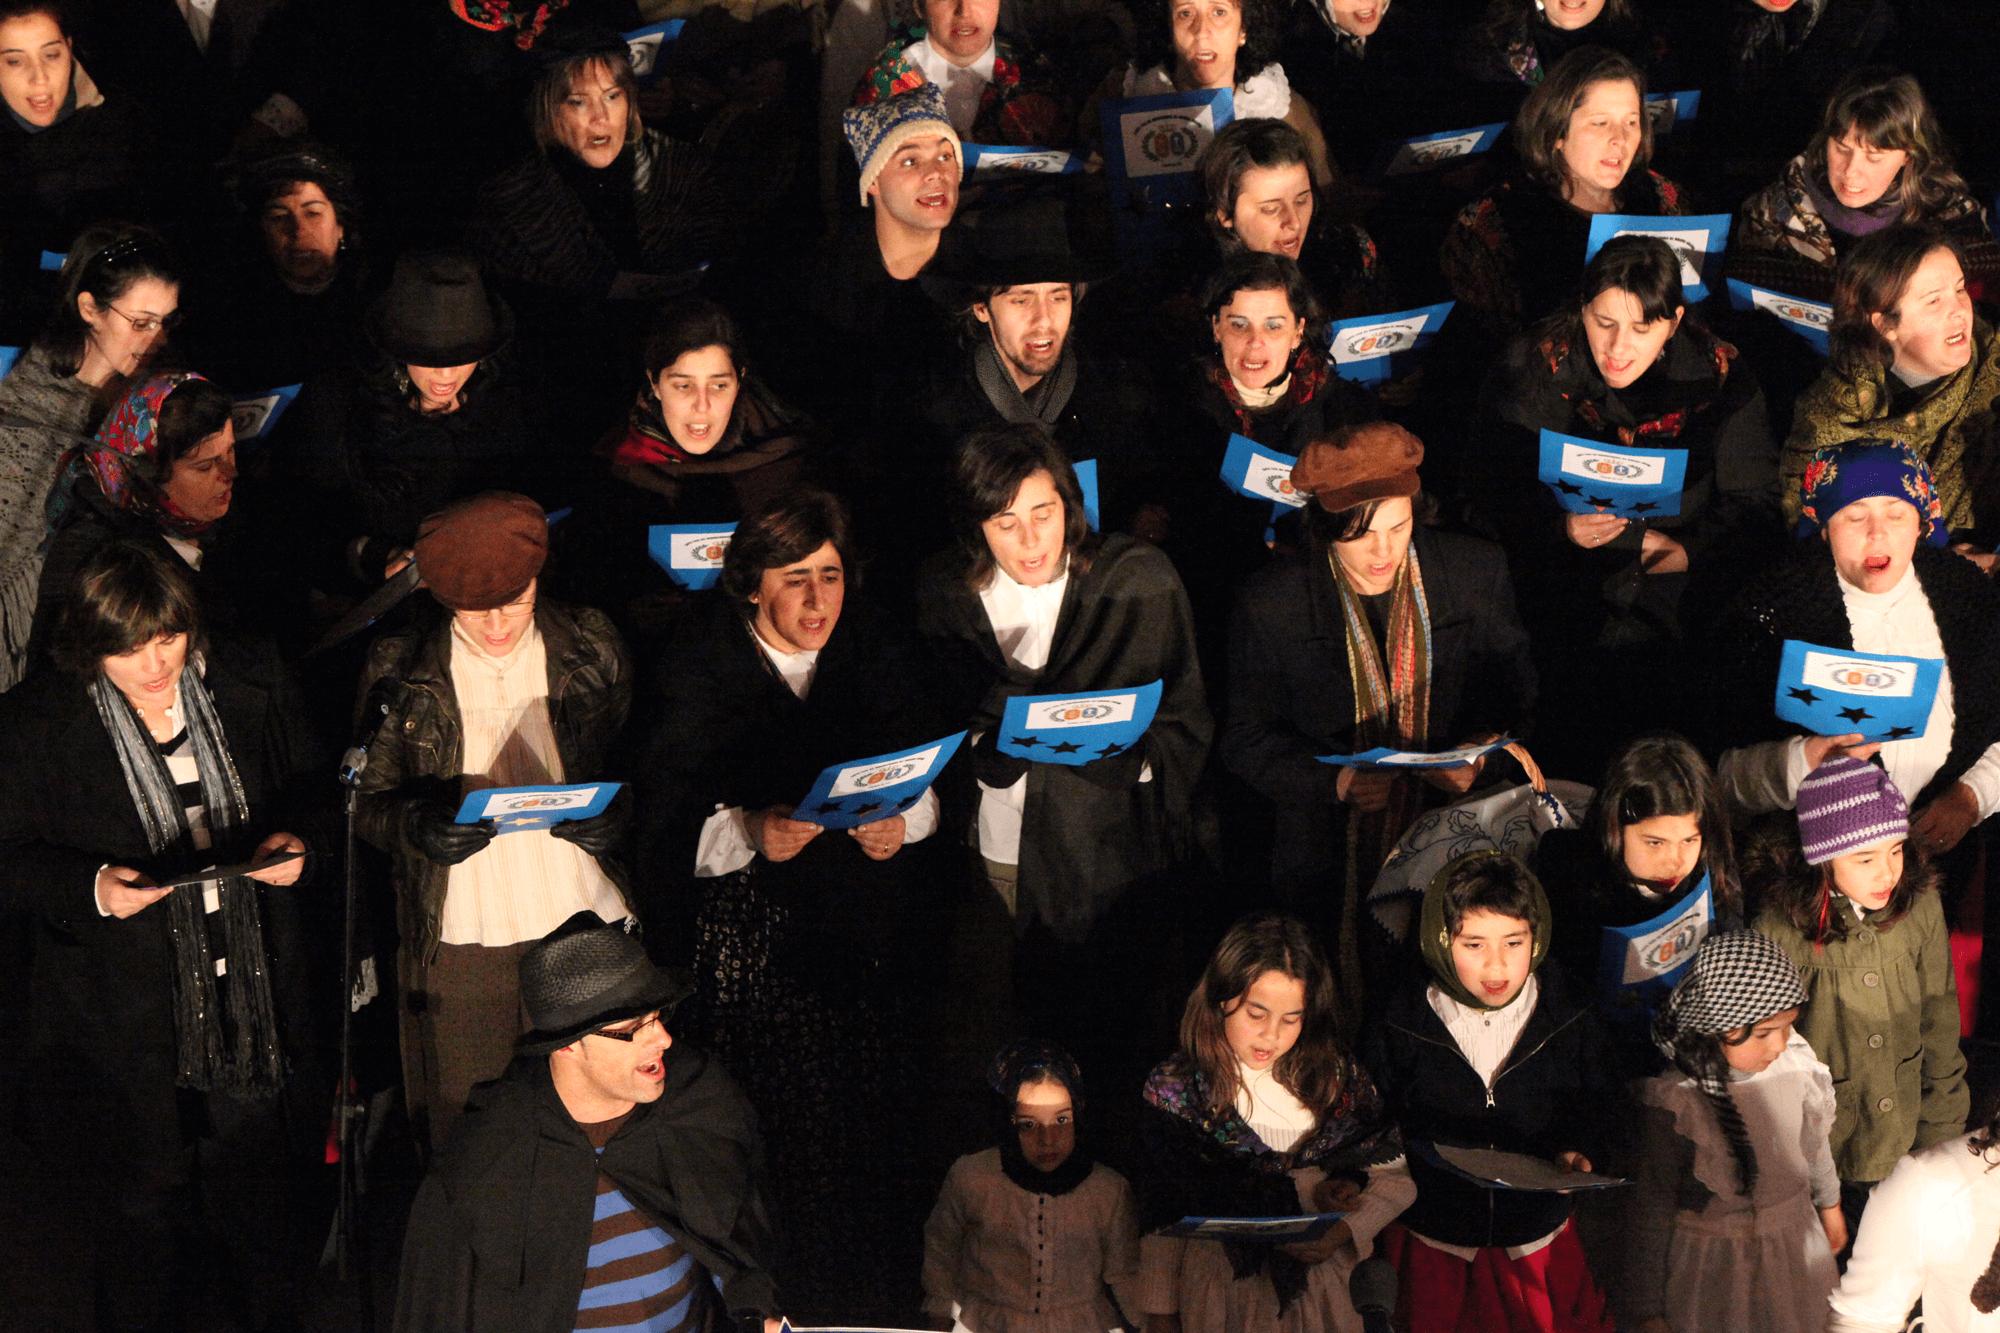 Top Azores: 6 Curiosidades sobre a tradição do Cantar às Estrelas na Ribeira Grande